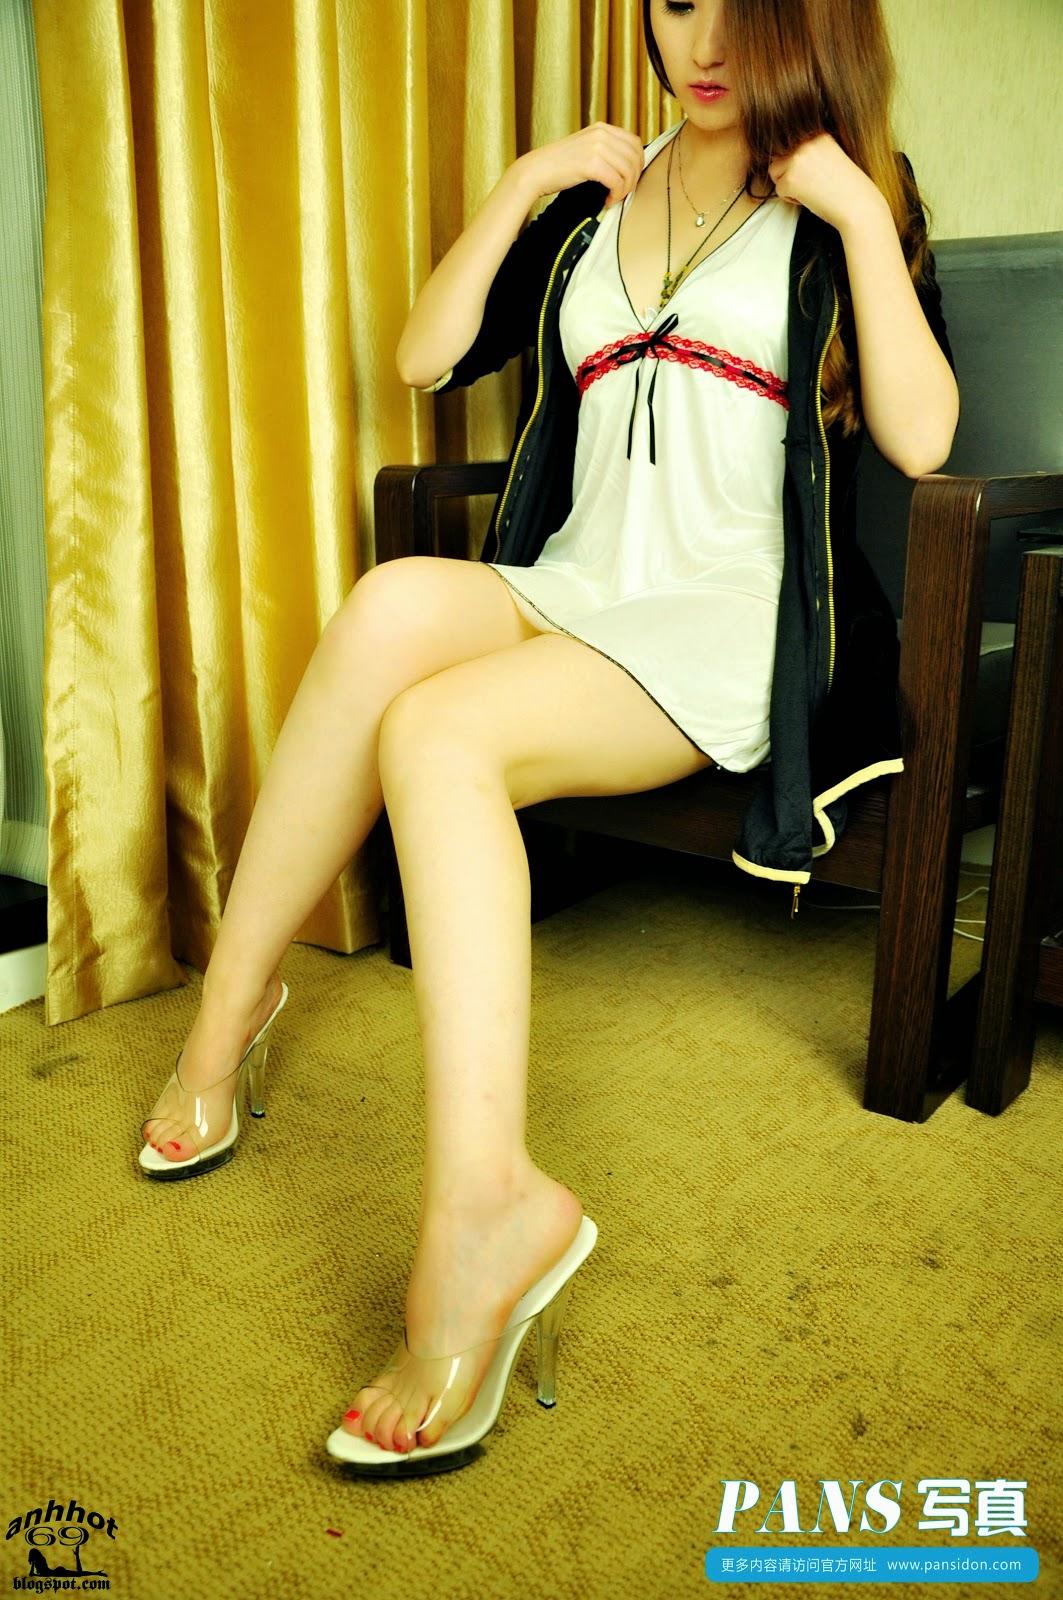 zi_xuan-pansidon-02342879